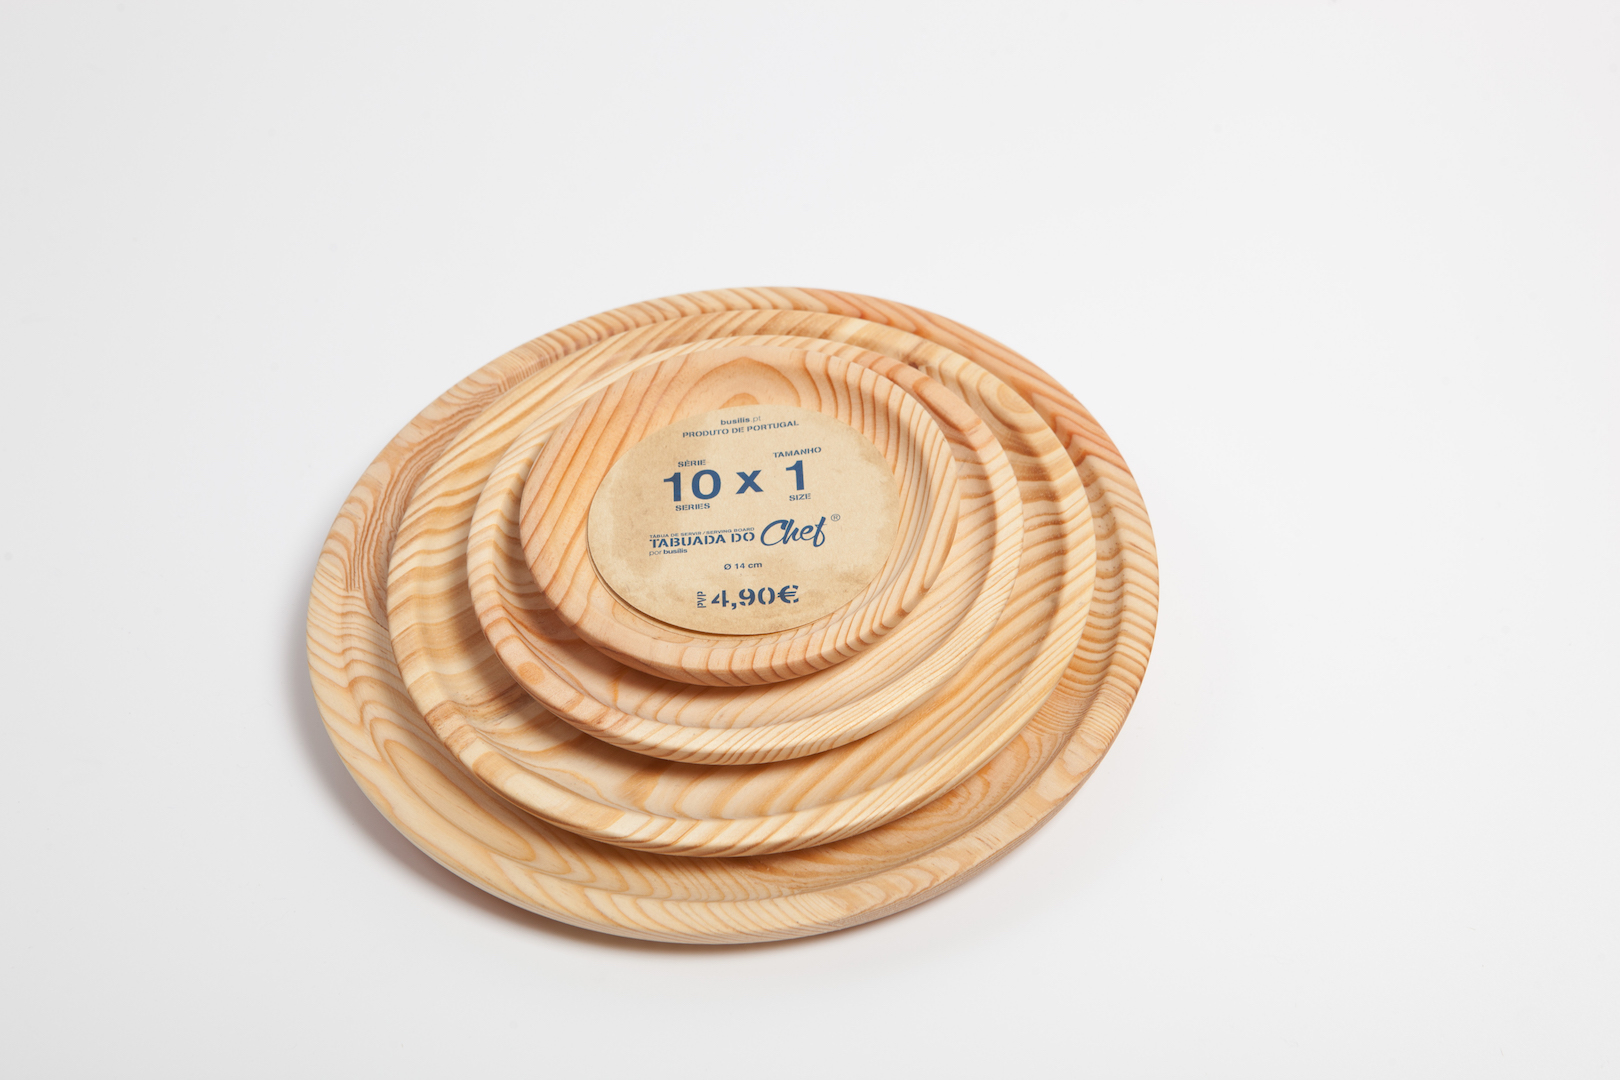 Pratos de madeira, conjunto de 4, 10x0